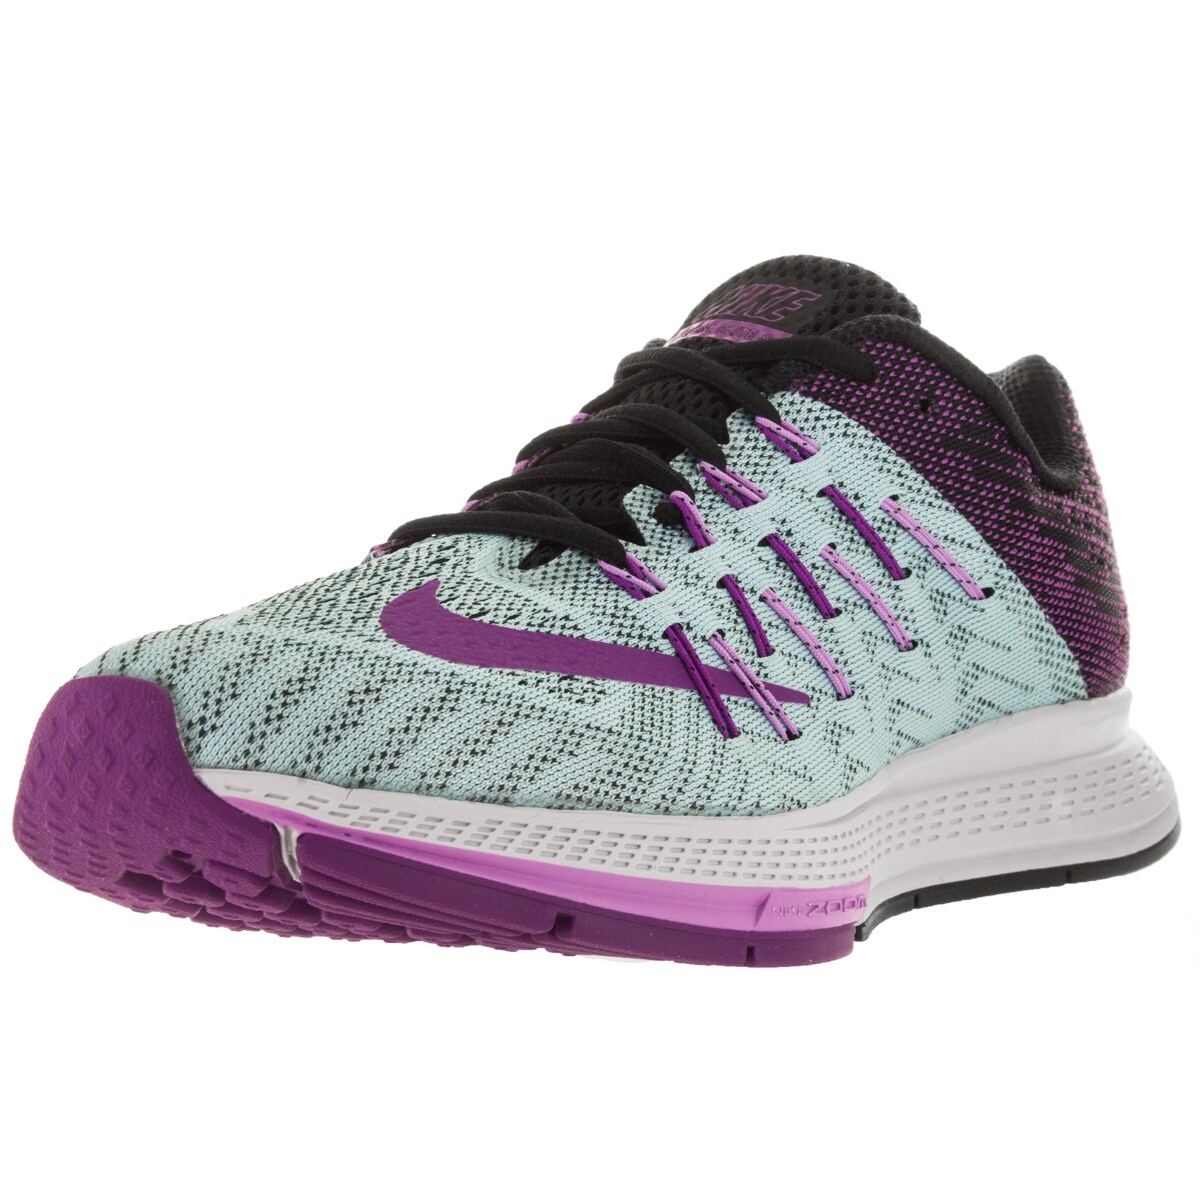 Nike Women's Air Zoom Elite 8 Copa/Vivid Purple/Black/ Ru...